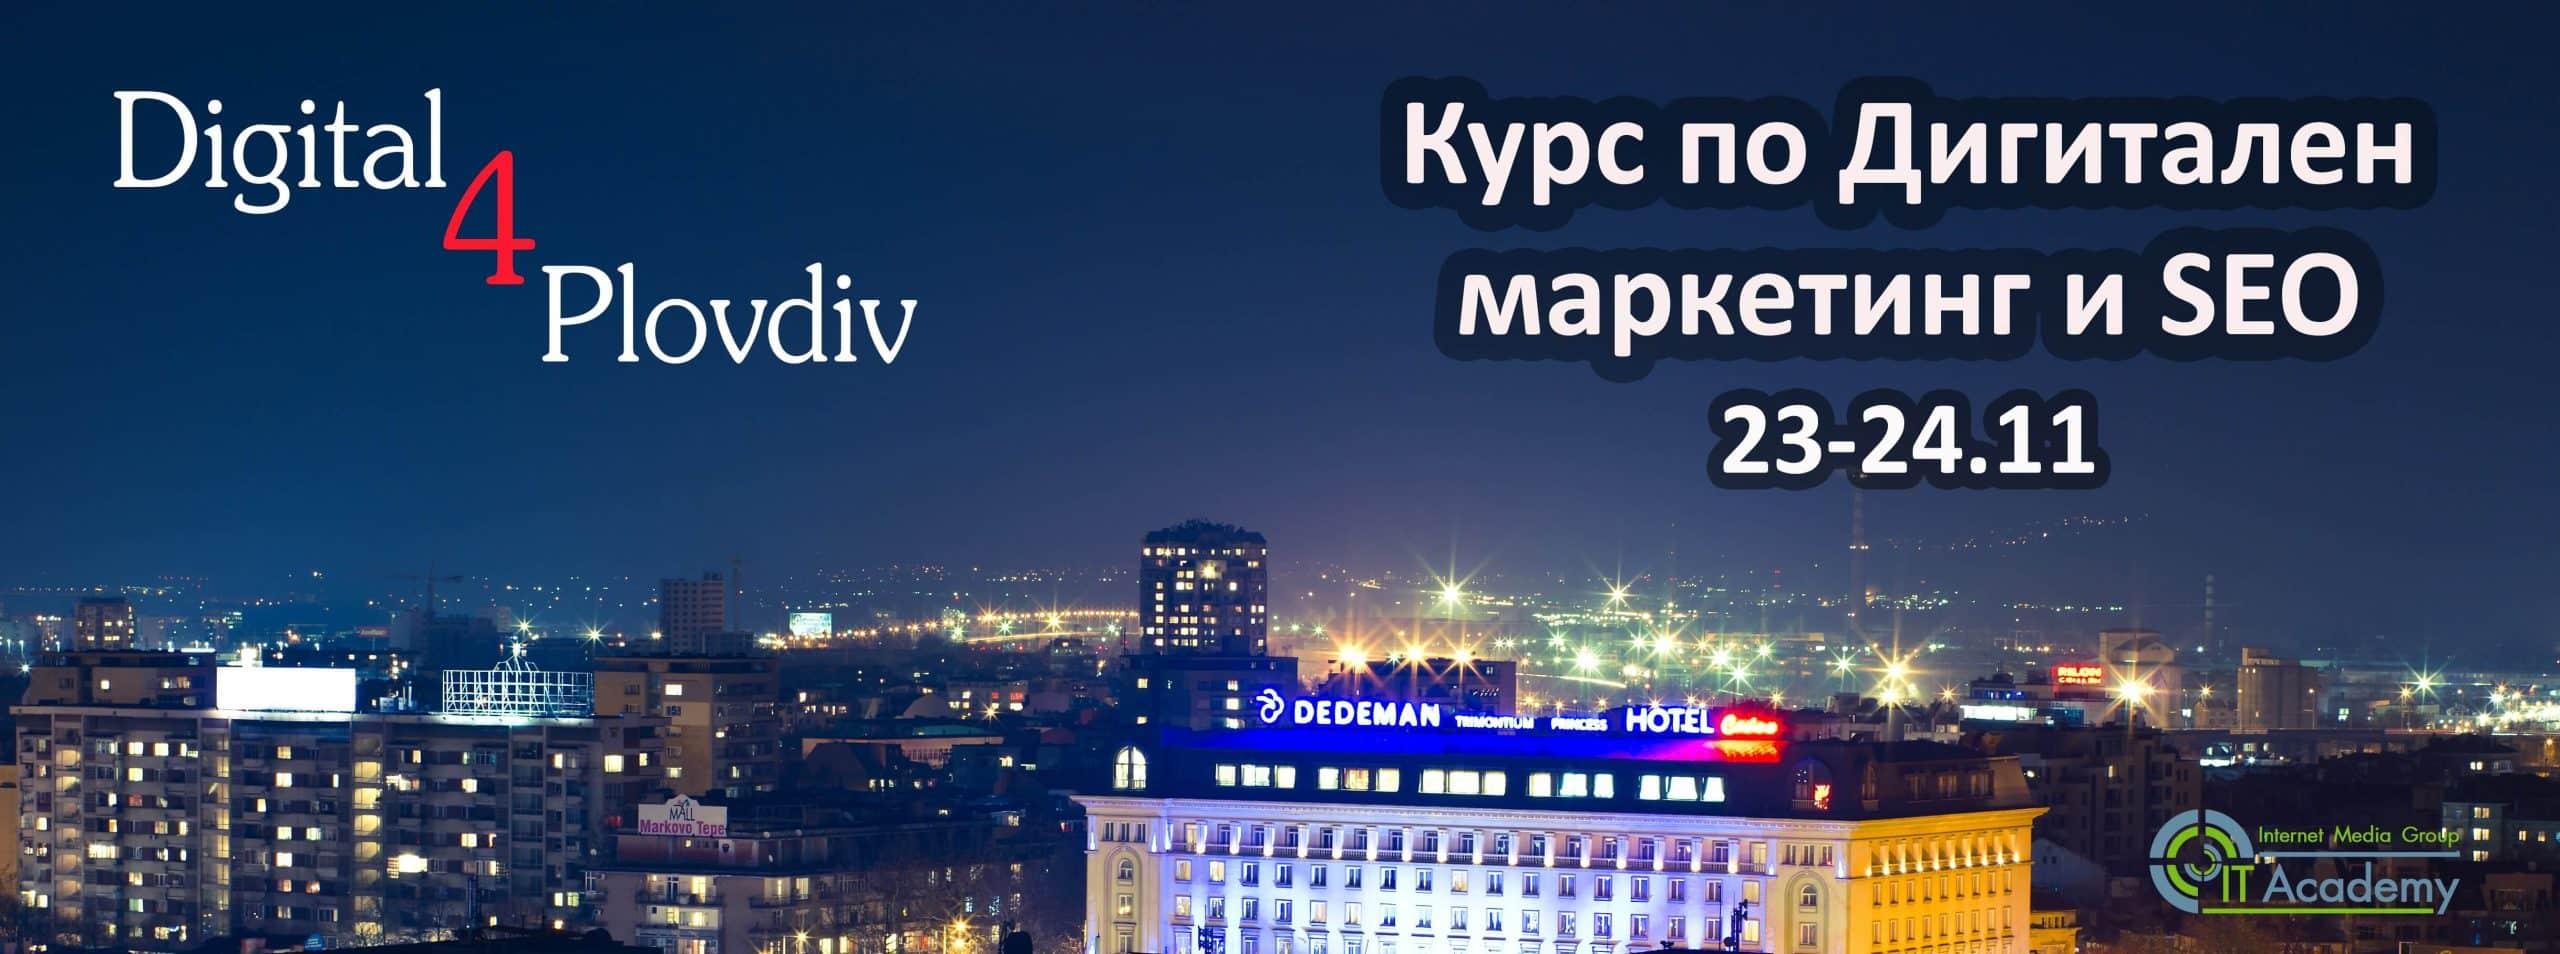 Курс по дигитален маркетинг и SEO в Пловдив от IMG